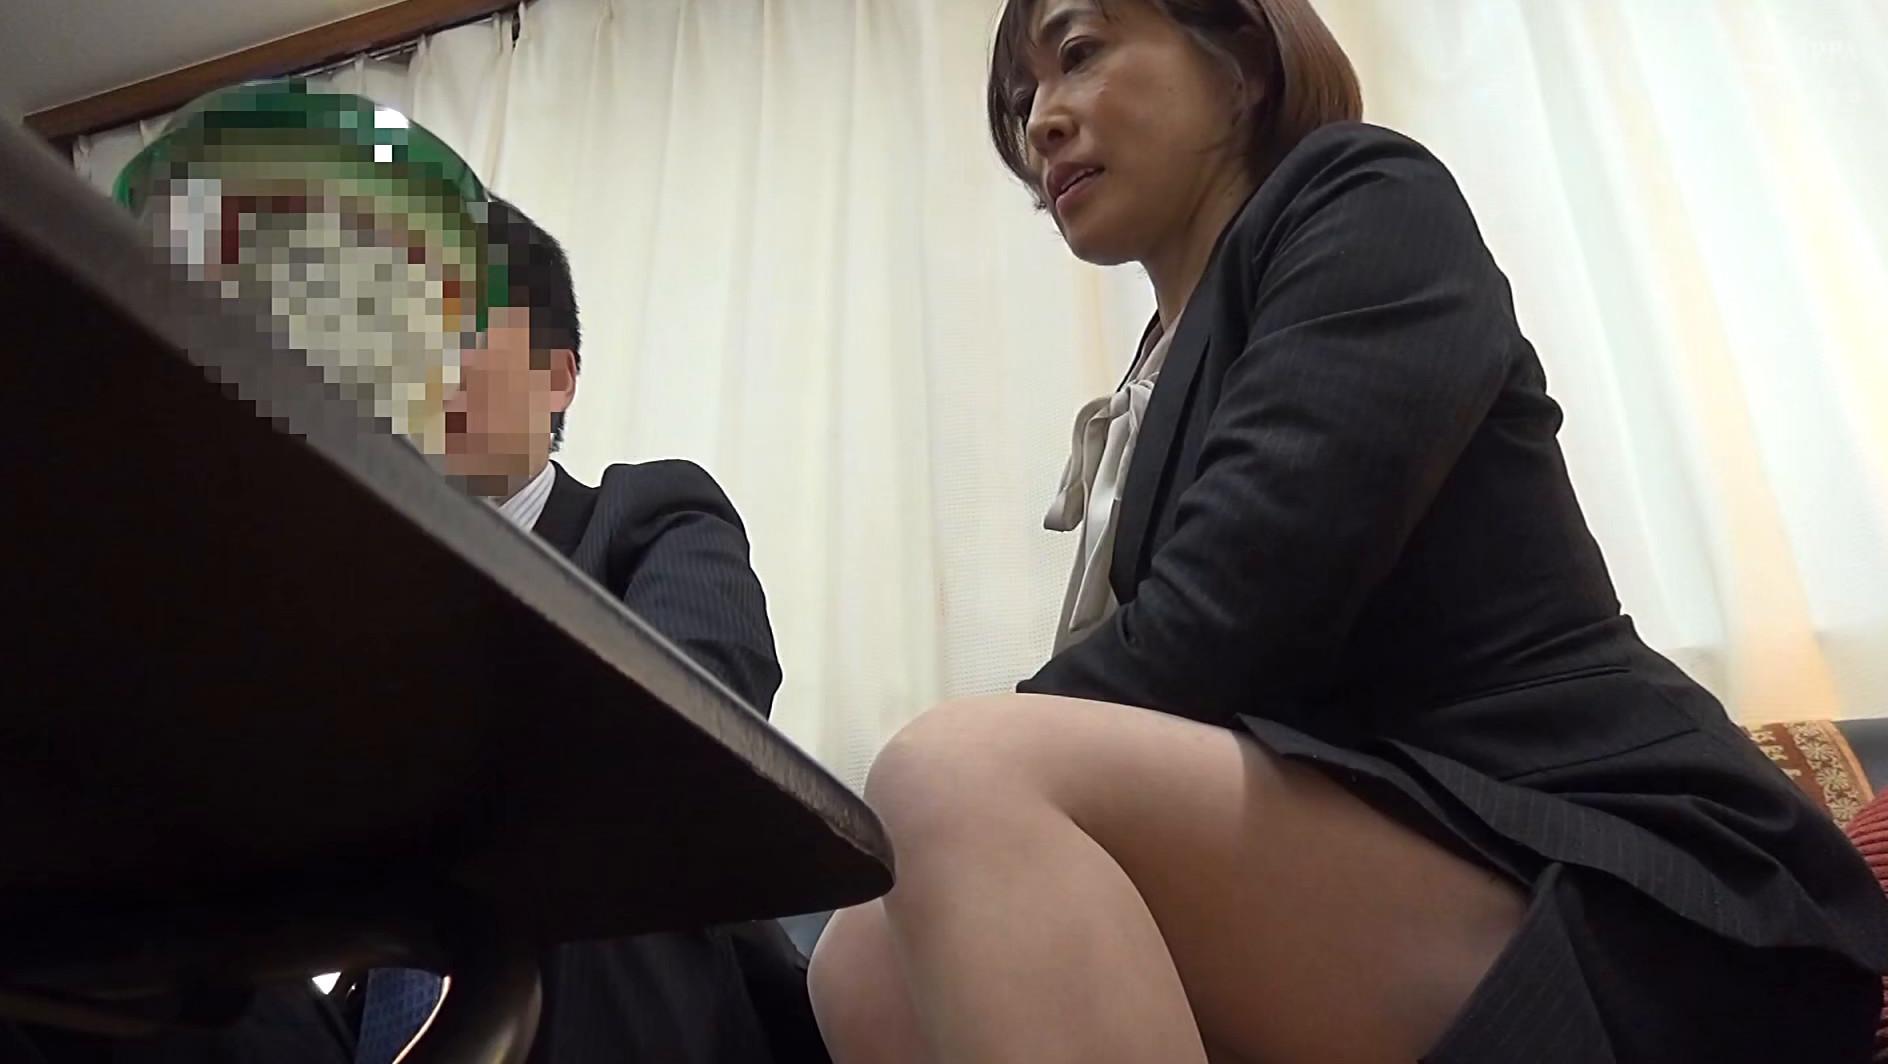 本気になるおばさん。久しぶりの本気SEXに溺れた嶋崎かすみさん(48歳)の場合 画像1